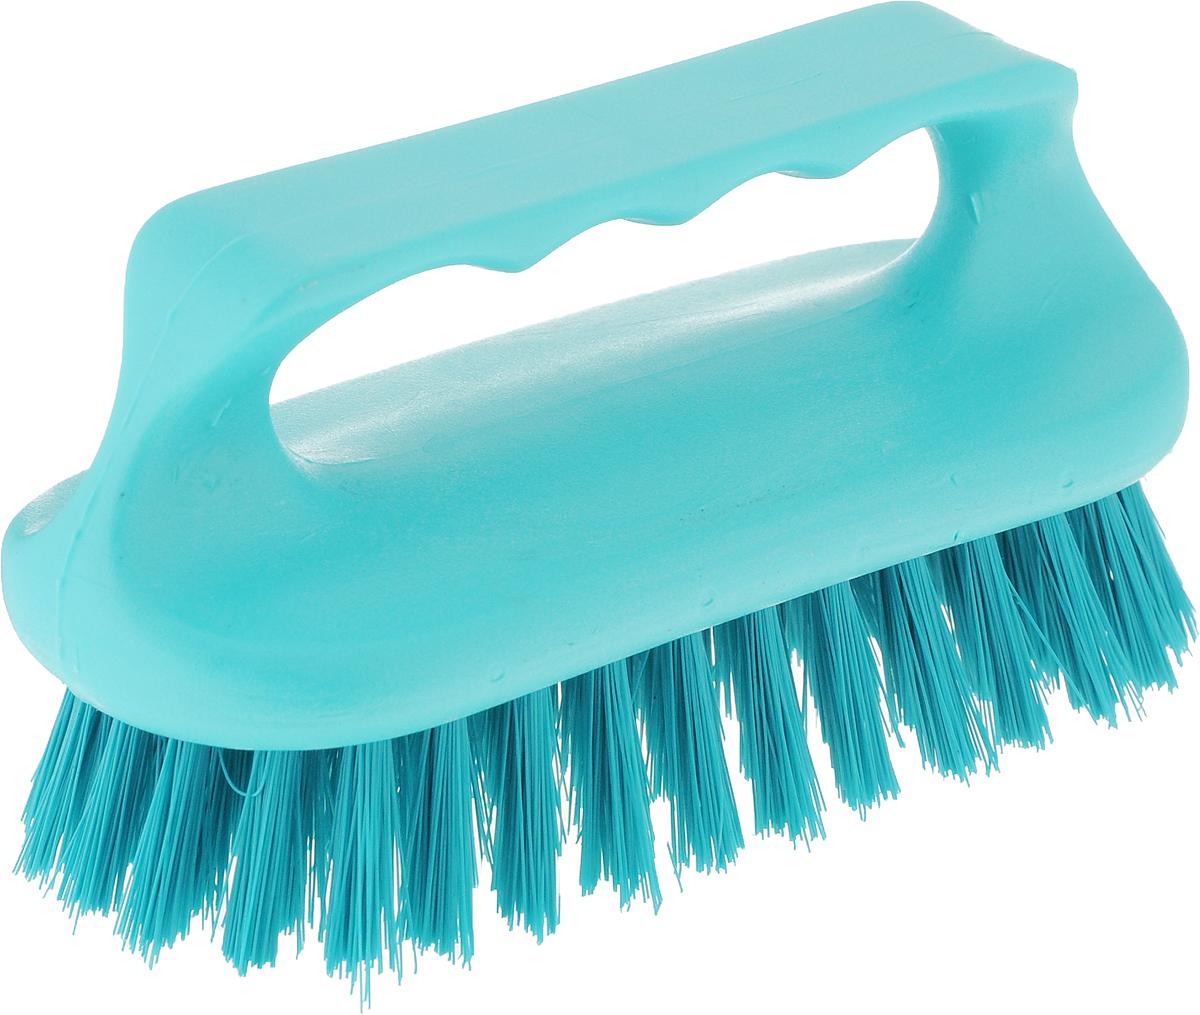 Щетка для ванны Хозяюшка Мила Сальвия, цвет: бирюзовый24006_бирюзовый/Щетка для ванны Хозяюшка Мила Сальвия, изготовленная из высокопрочного пластика, идеально подходит для снятия сильных загрязнений. Удобная ручка делает процесс чистки комфортным, а форма щетки позволяет хорошо чистить даже труднодоступные места. Щетина средней жесткости не повреждает поверхность. Размер щетки (с учетом ручки и щетины): 13,5 х 6 х 7,2 см.Длина щетины: 2,5 см.